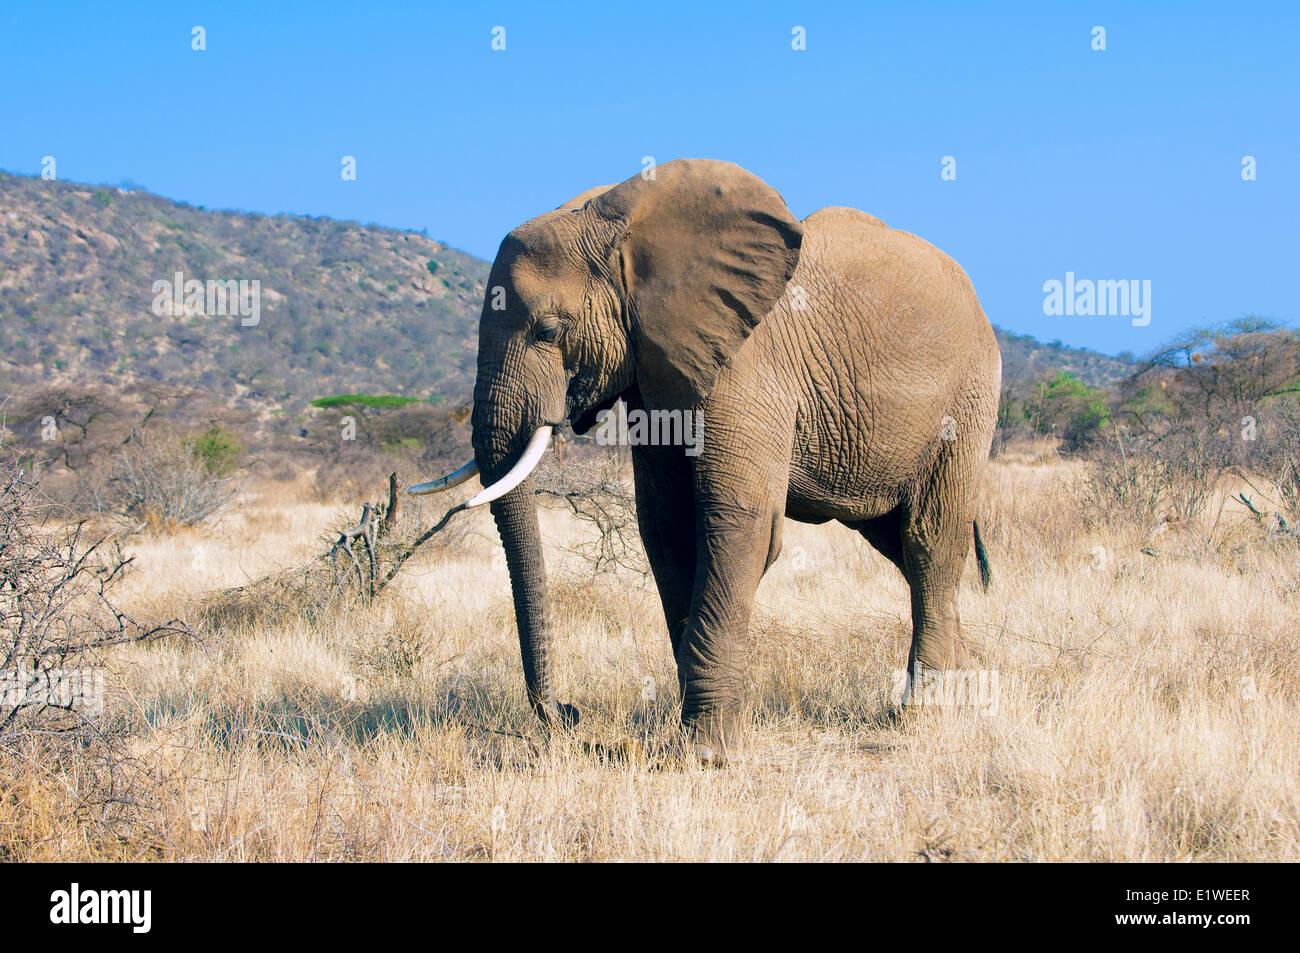 Savannah Bull elephant (Loxodonta africana), Samburu National Park, Kenya, Afrique de l'Est Photo Stock